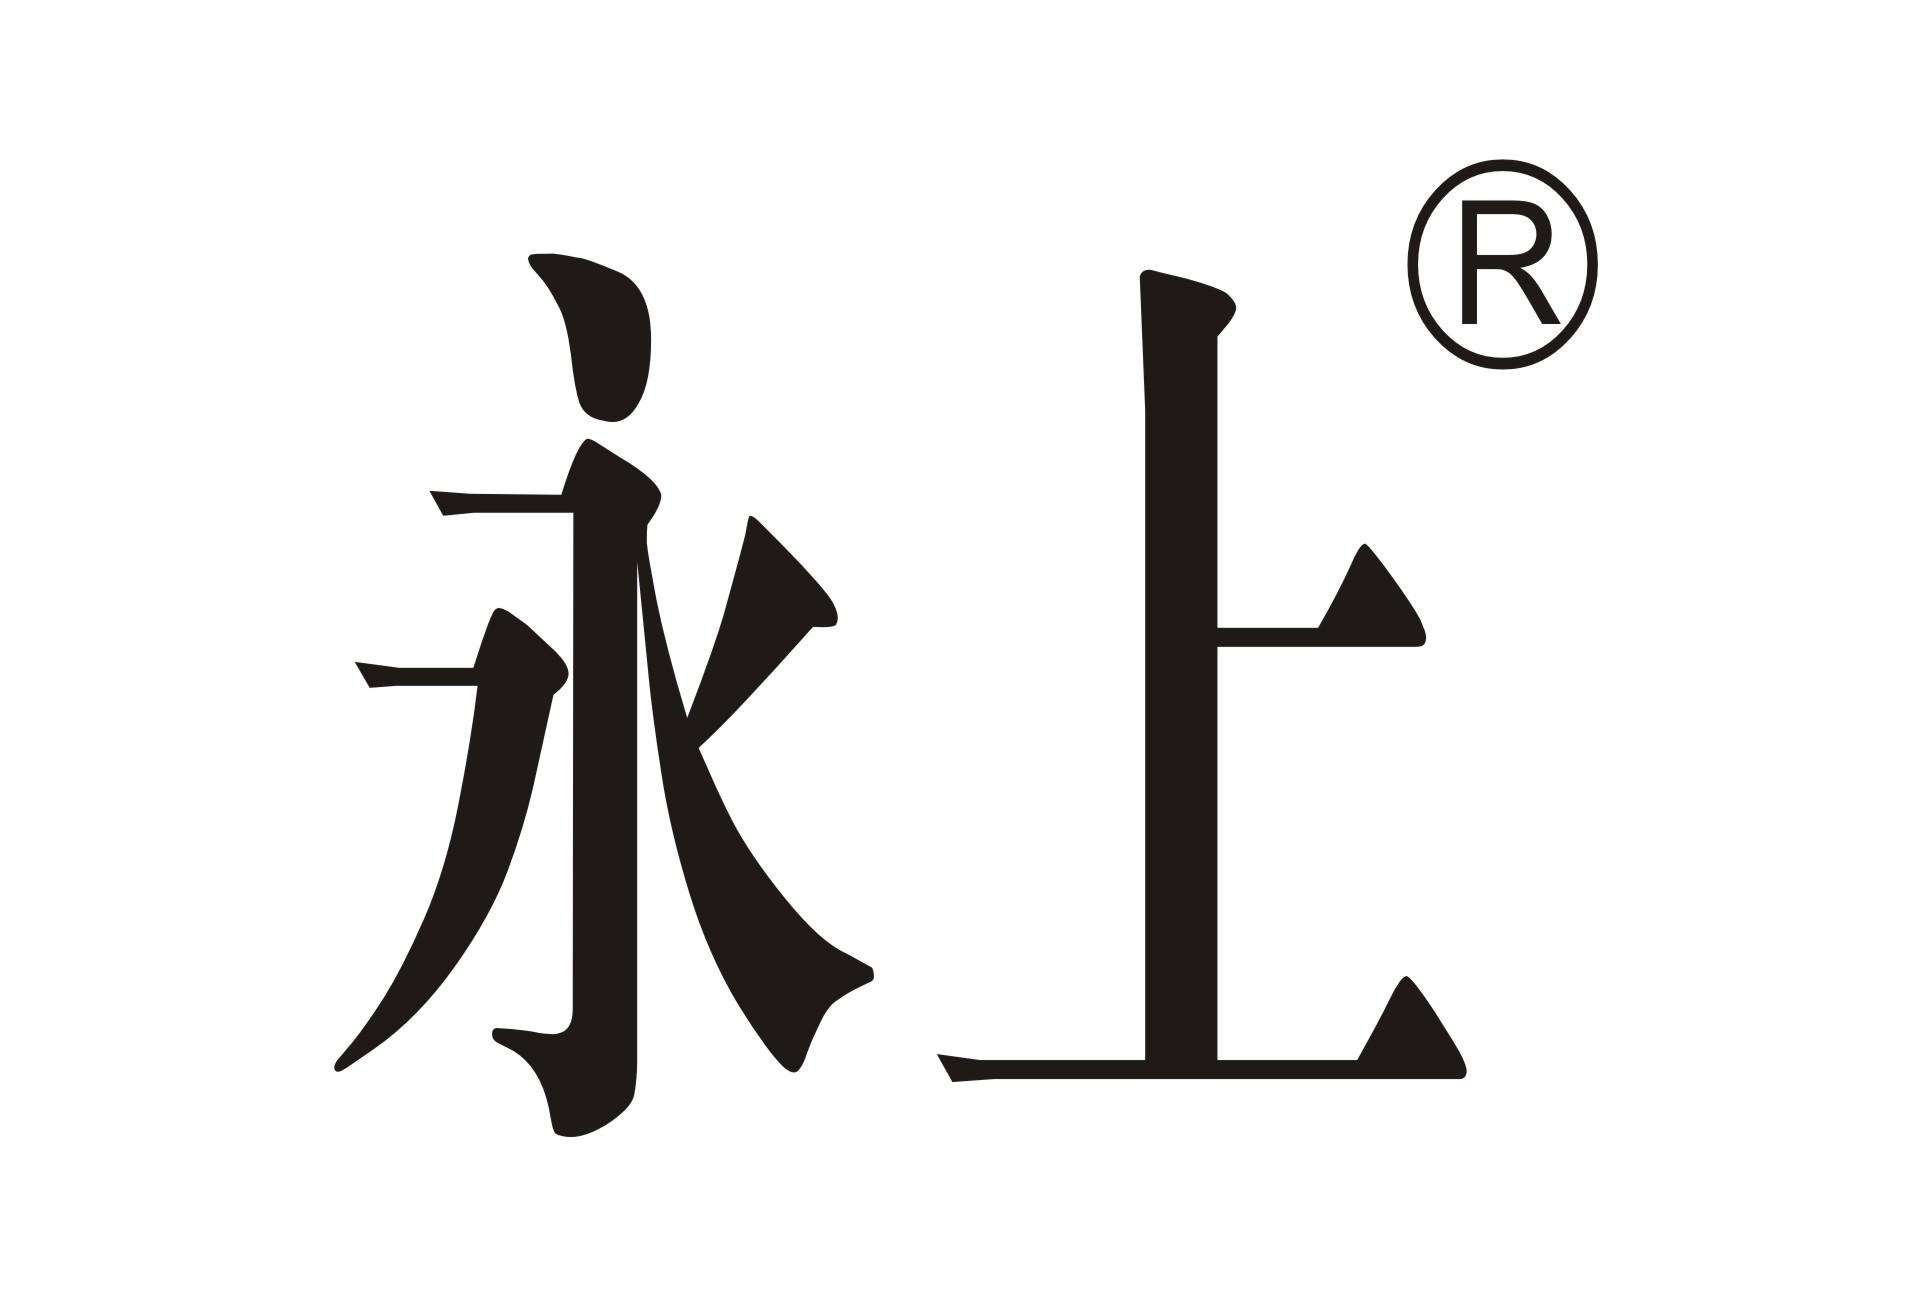 浙江永上不�P��a�I有限公司�^像